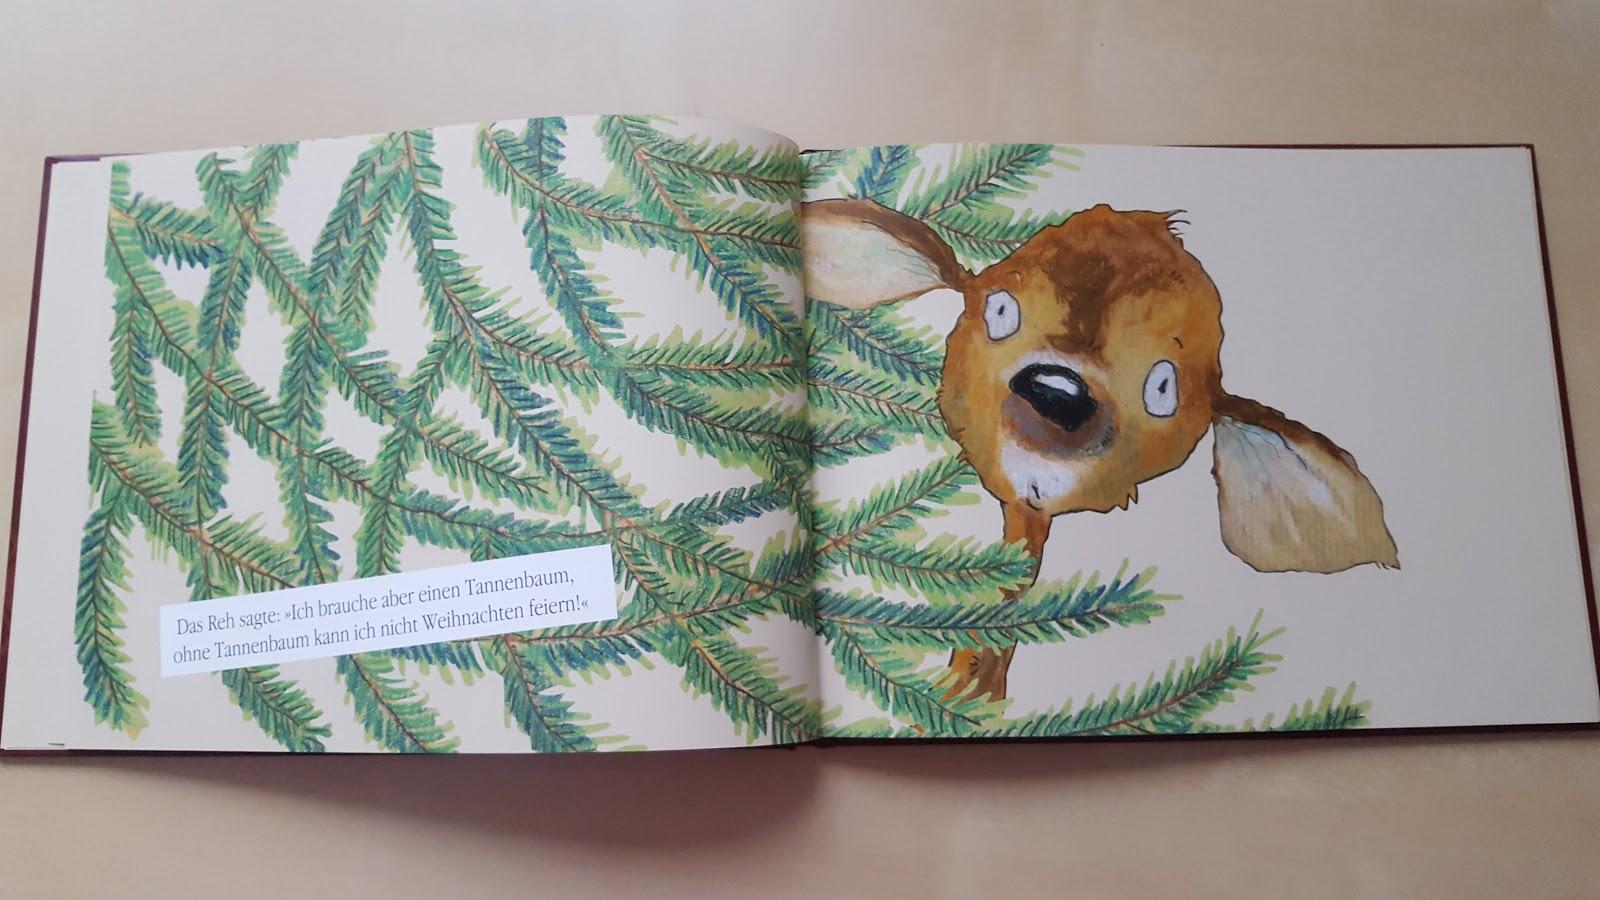 Bilderbuch Tannenbaum.Grundschultante Das Bilderbuch Das Wichtigste An Weihnachten